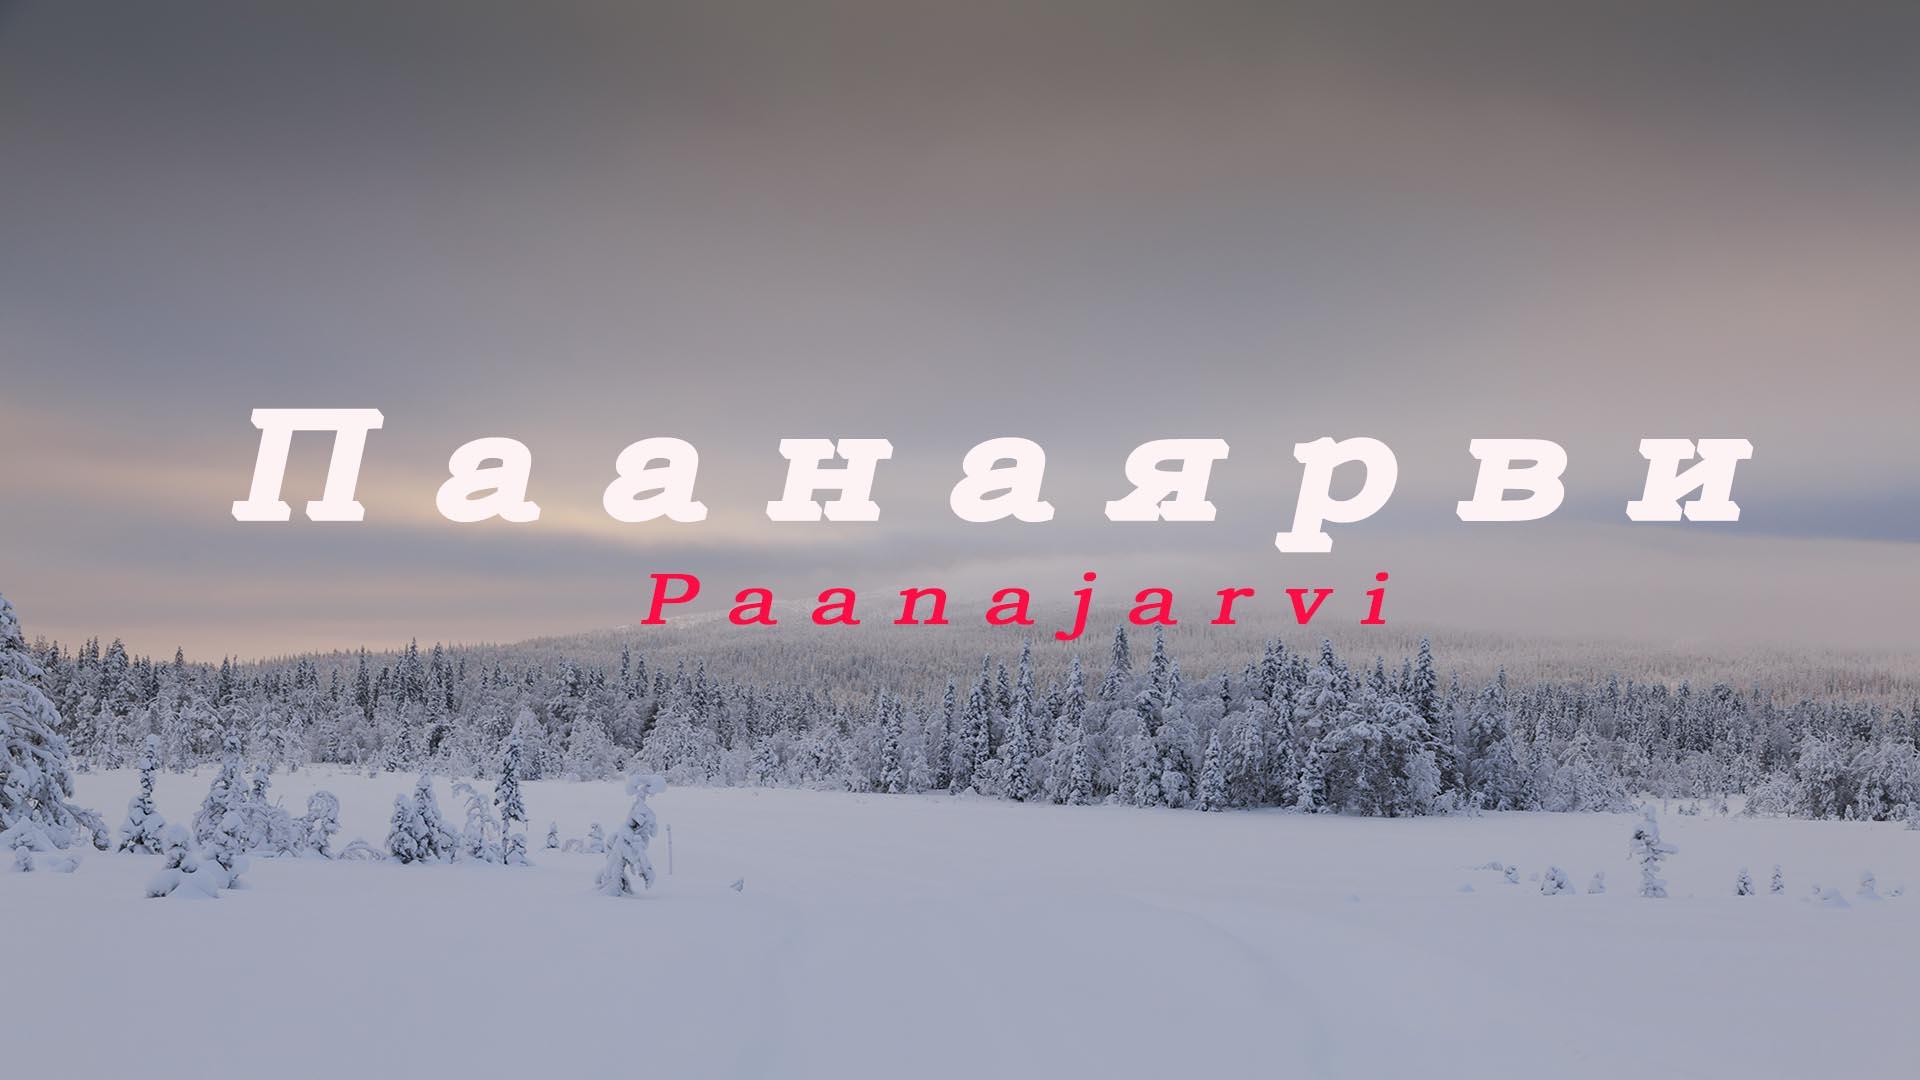 Национальный парк Паанаярви